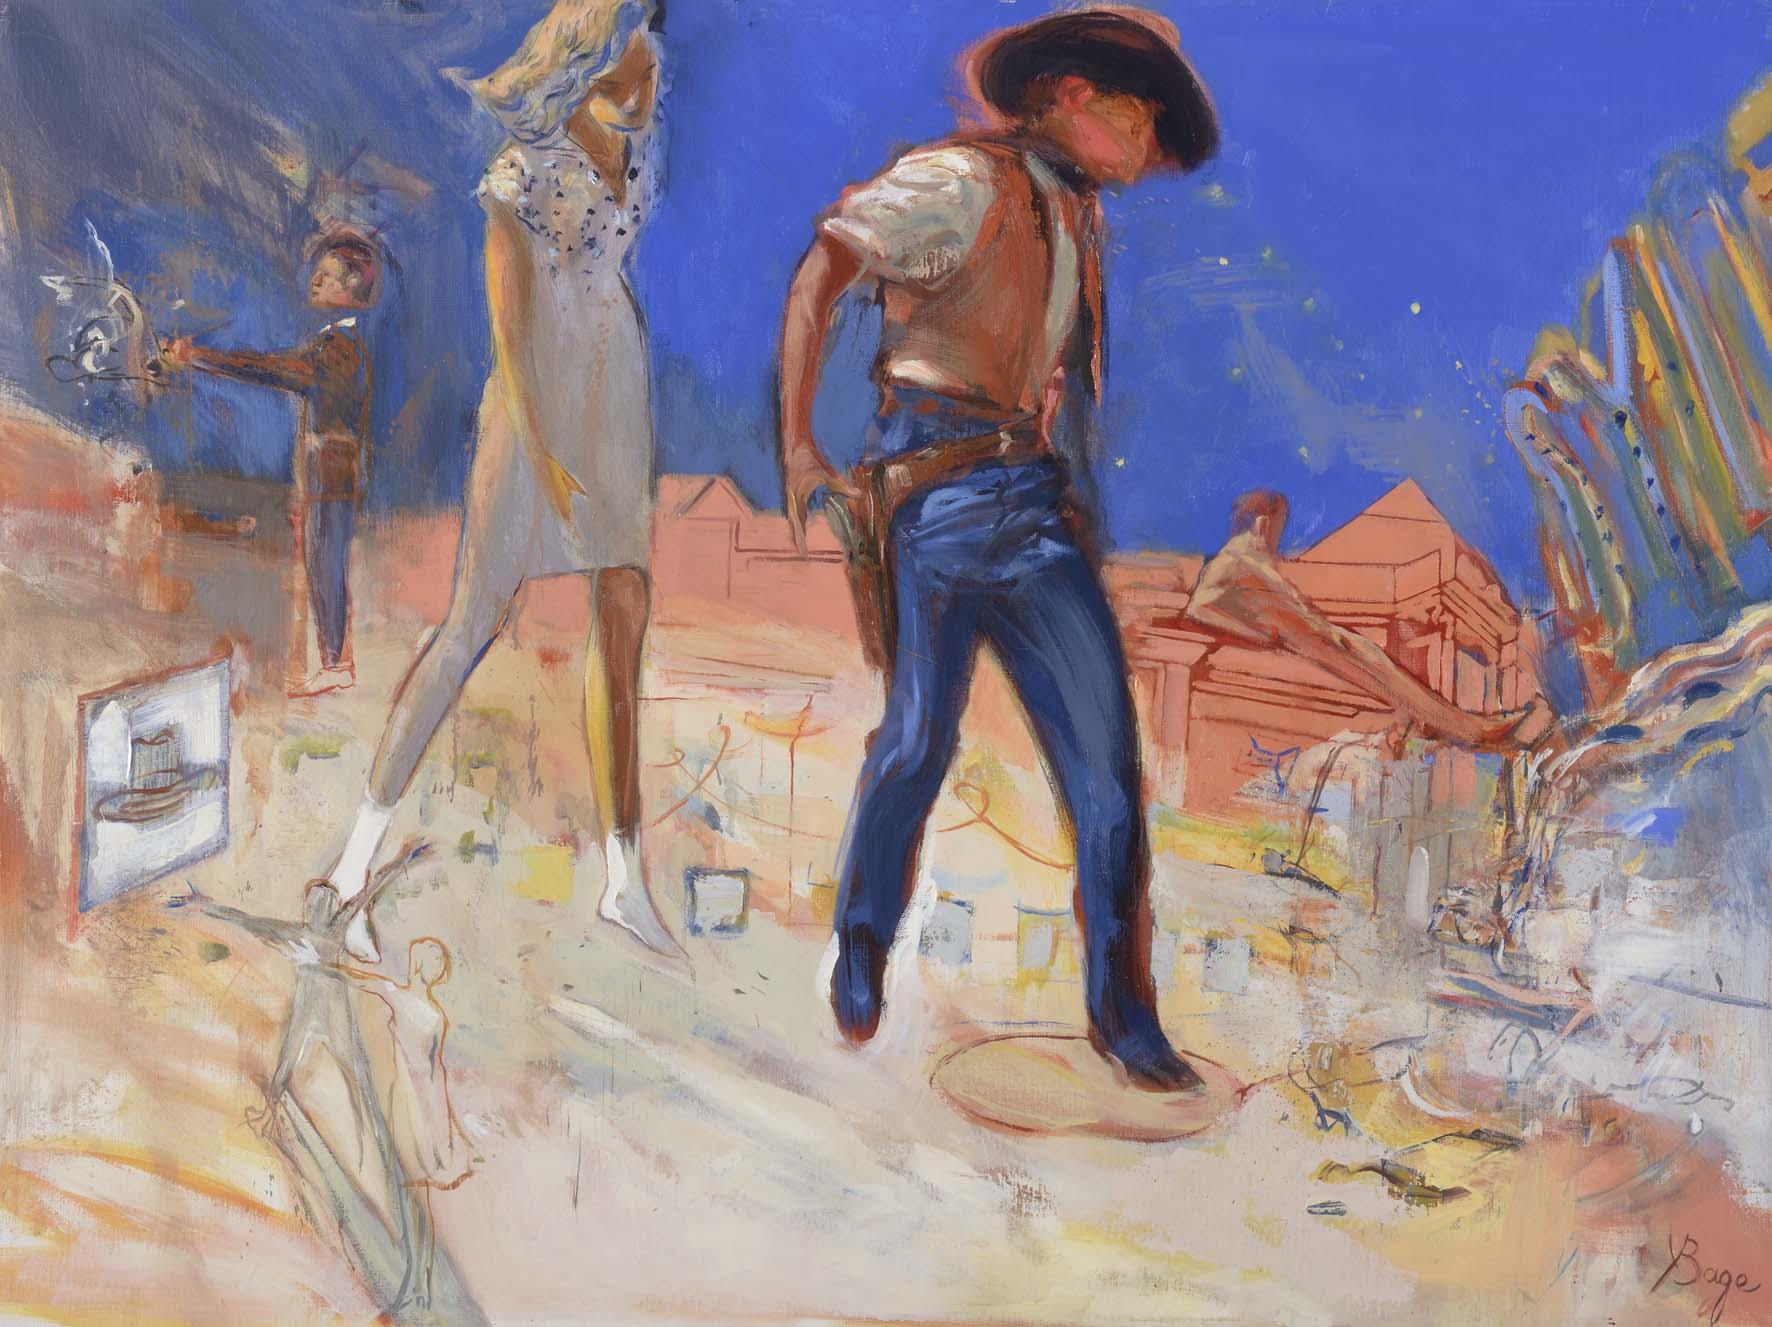 La fiancée du cow-boy      huile sur toile - 130x100 cm